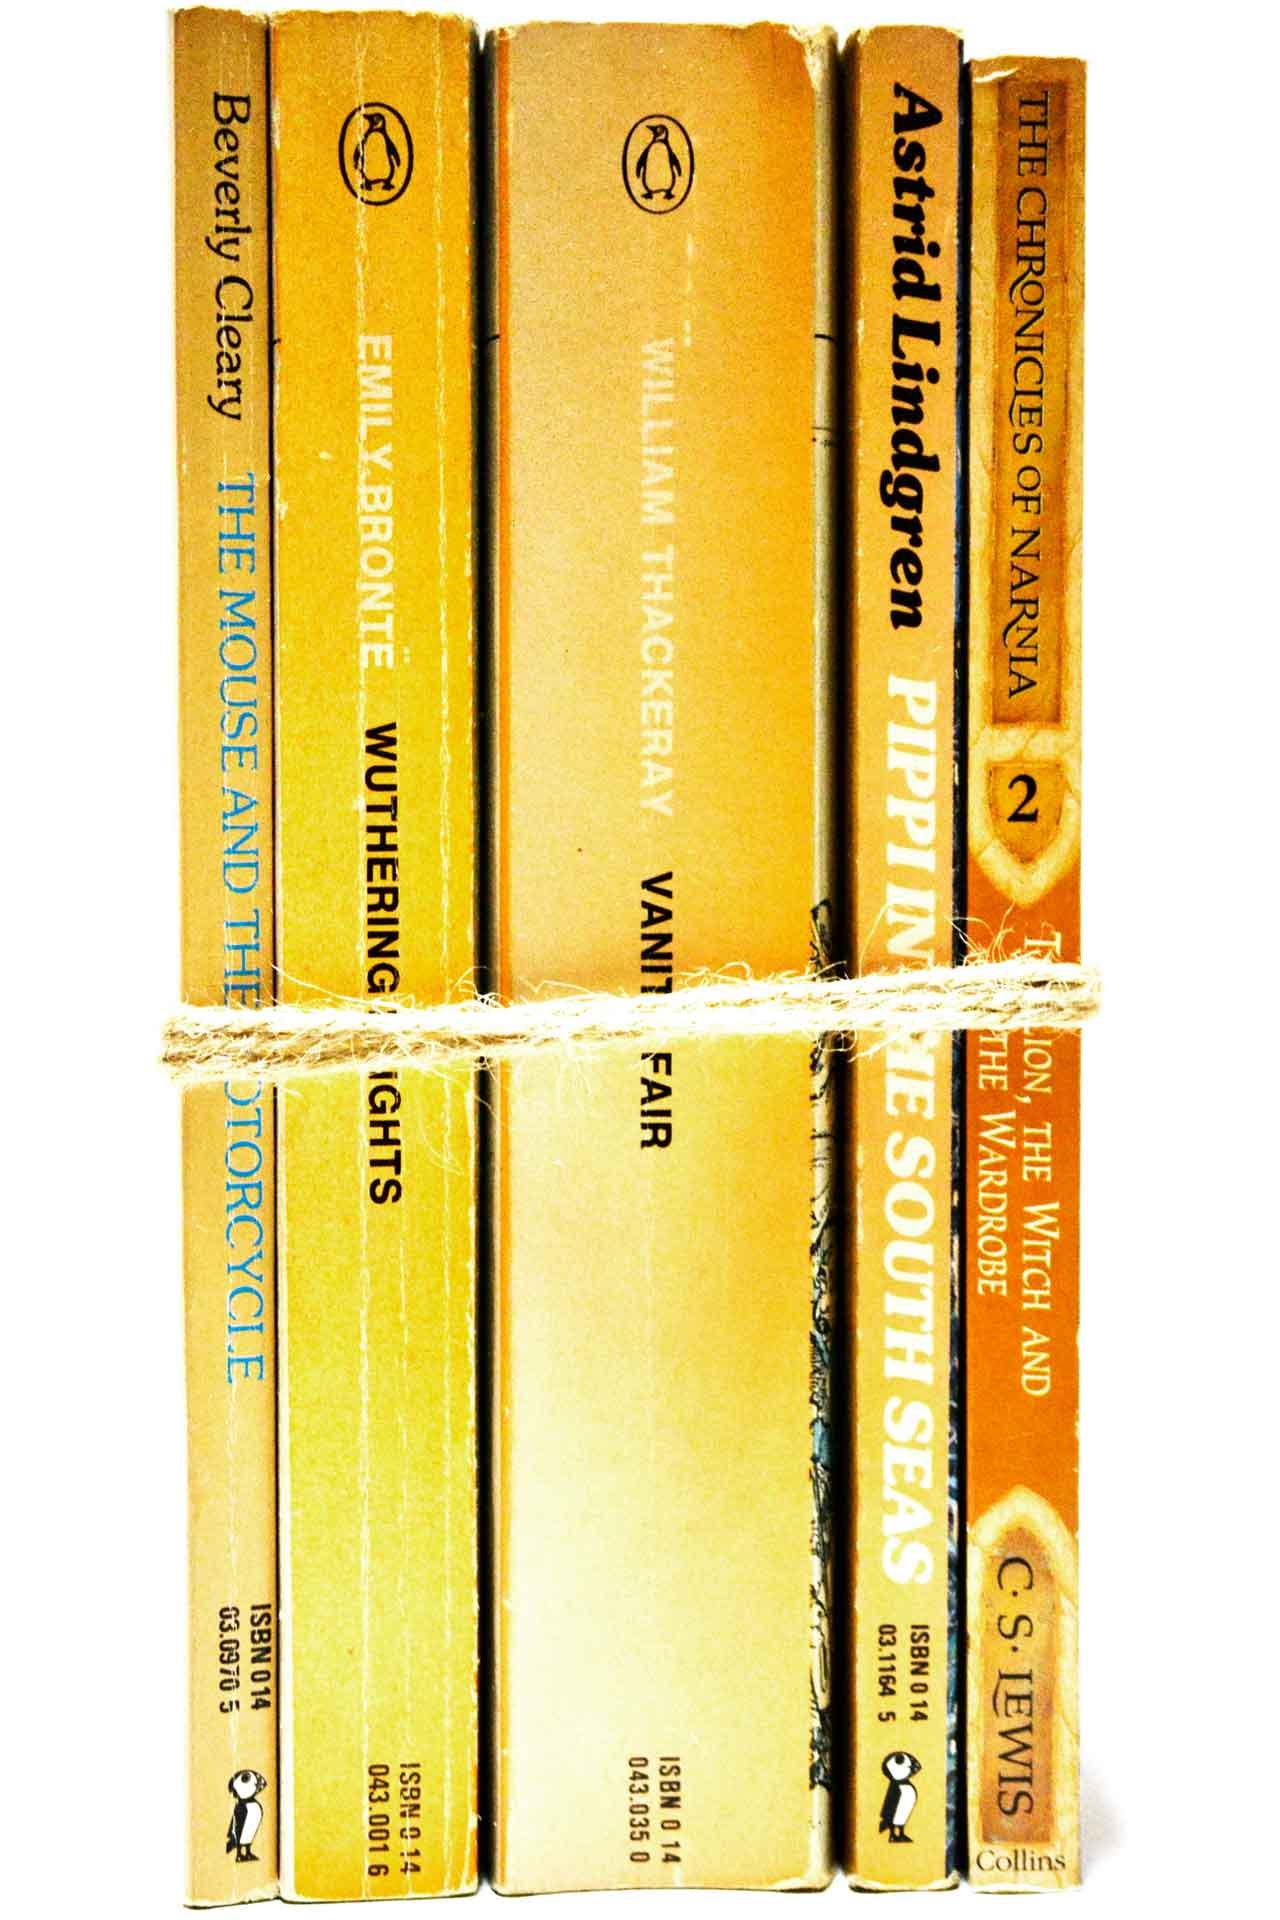 洋書 ディスプレイ用 5冊セット RZ-5526